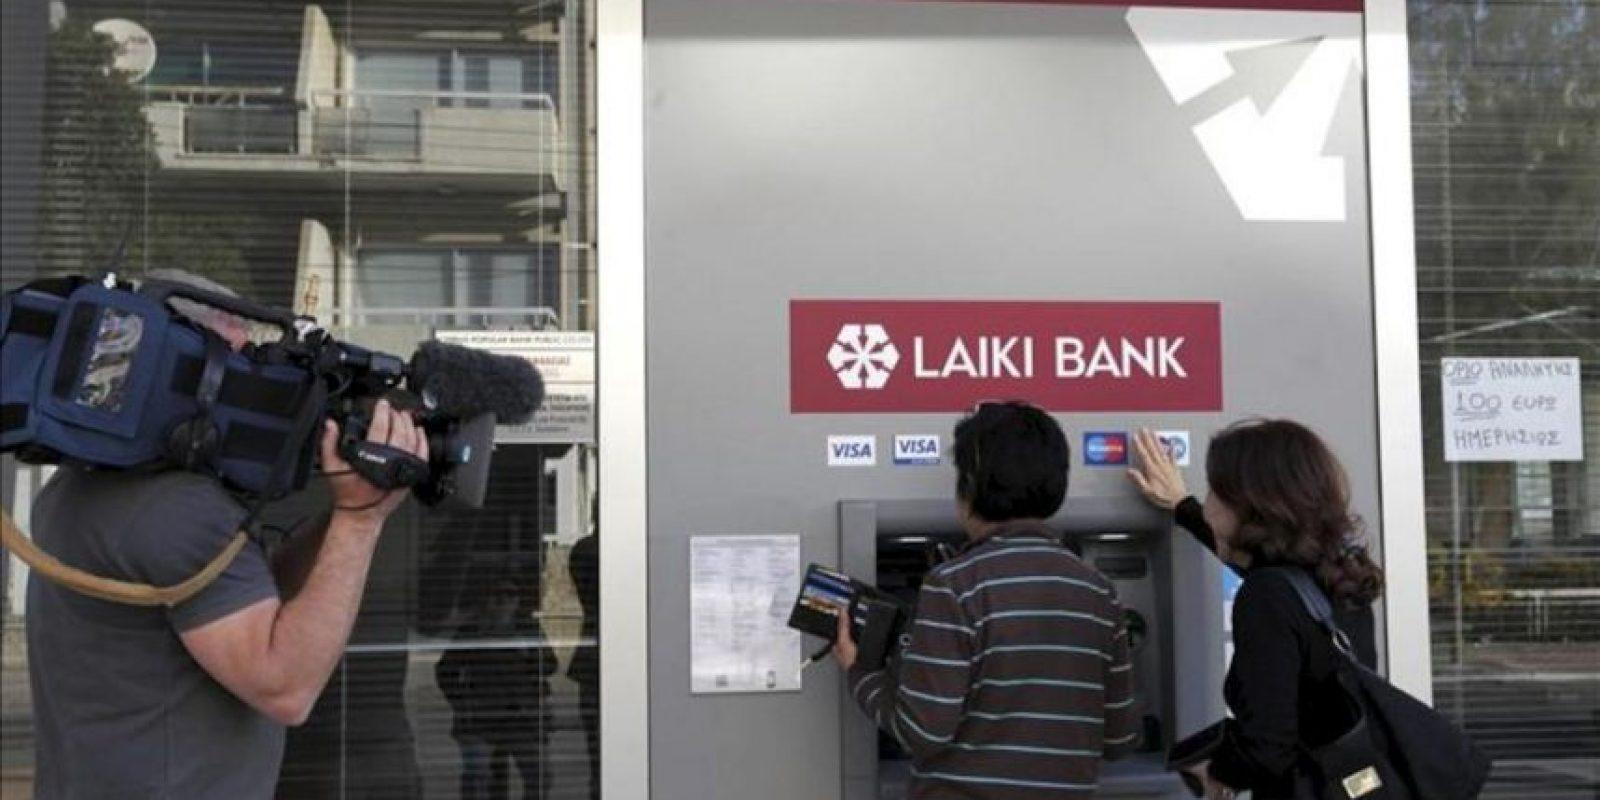 Un cámara graba a dos personas haciendo uso hoy de un cajero automático de una sucursal del banco Laiki, en cuyo escaparate hay un cartel (d) que informa de un límite de 100 euros de retirada de efectivo, en Nicosia, Chipre. EFE